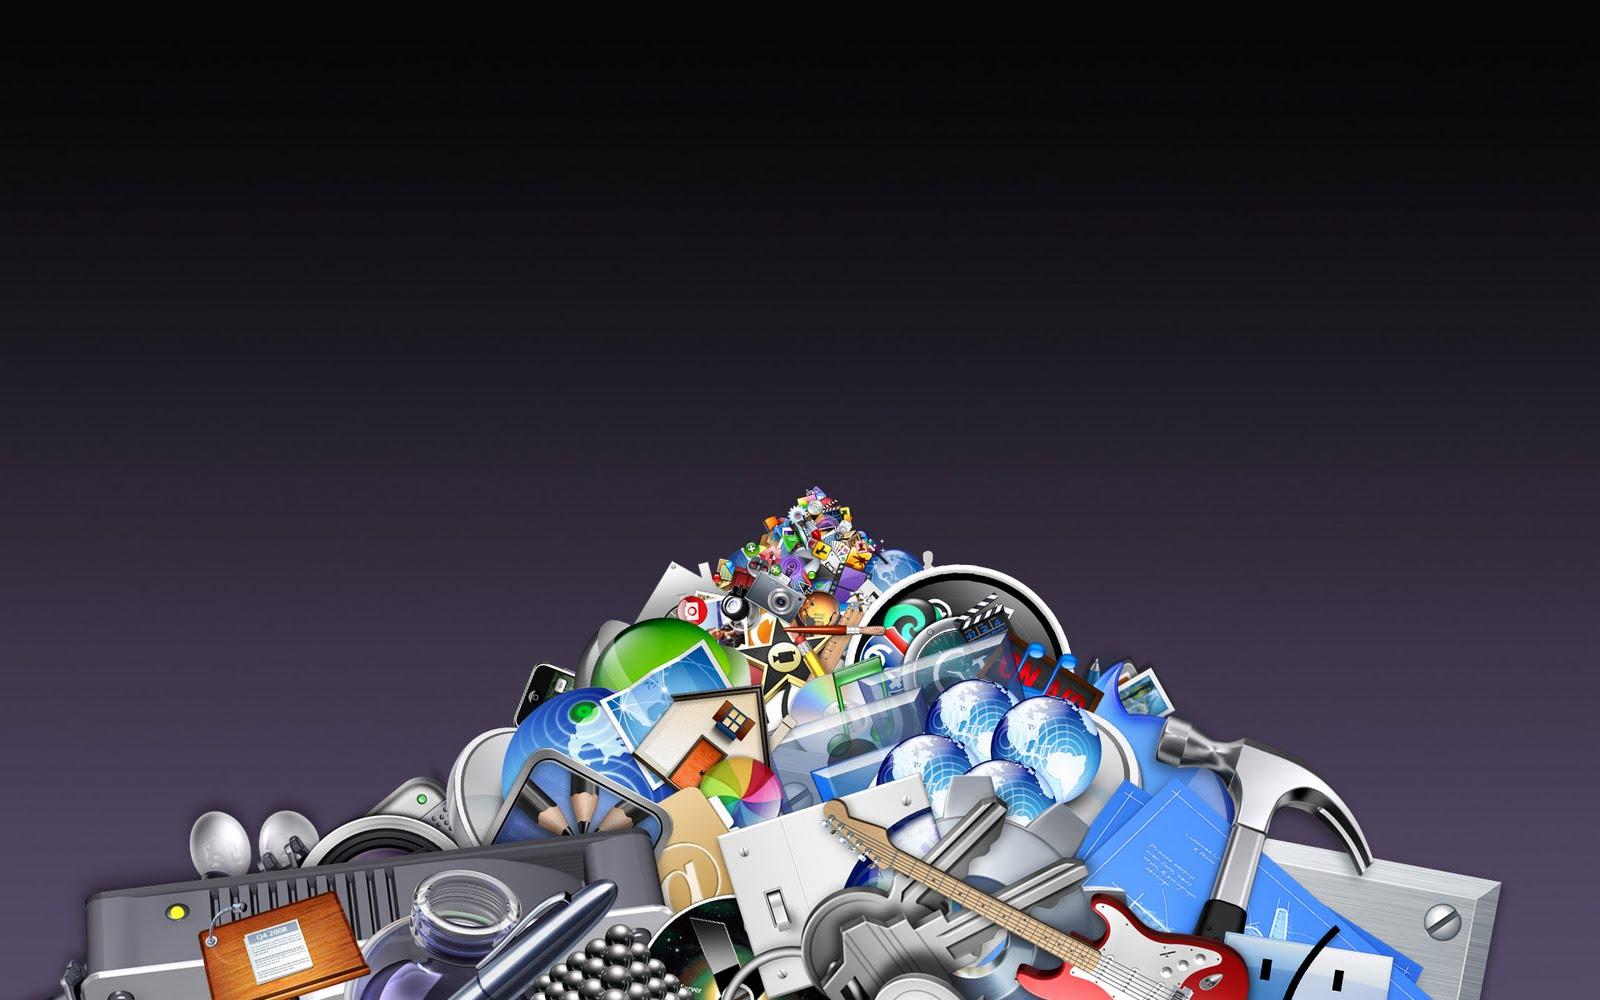 http://4.bp.blogspot.com/-mn-FnXuM7Ag/Tf8XizzXrWI/AAAAAAAAIuc/8VEo3Ebxt2g/s1600/New%20Mac%20OS%20Wallpaper.jpg